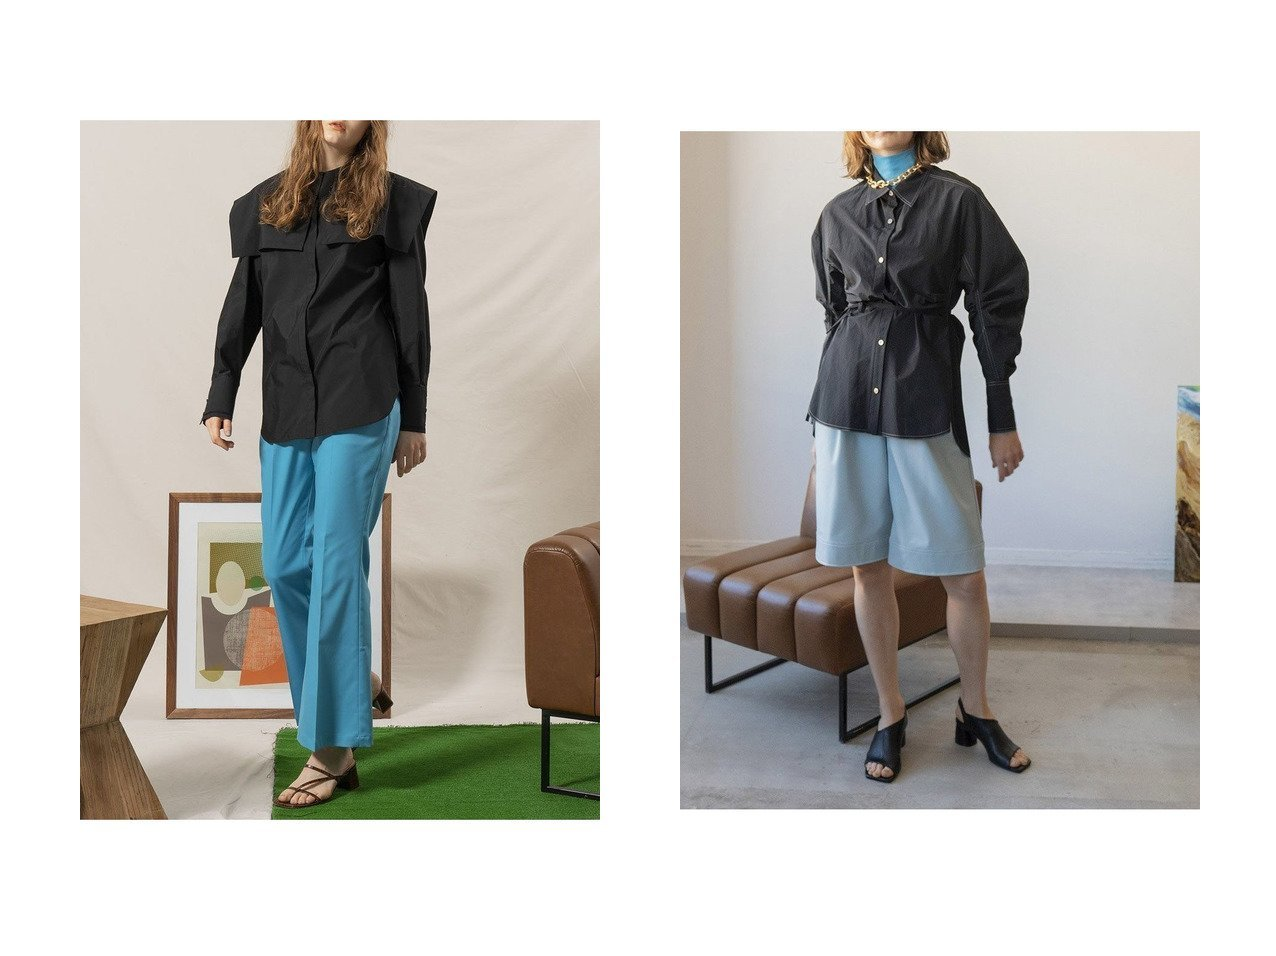 【MAISON SPECIAL/メゾンスペシャル】のサーキュラースリーブシャツ&スクエアカラー2WAYシャツ トップス・カットソーのおすすめ!人気、トレンド・レディースファッションの通販  おすすめで人気の流行・トレンド、ファッションの通販商品 メンズファッション・キッズファッション・インテリア・家具・レディースファッション・服の通販 founy(ファニー) https://founy.com/ ファッション Fashion レディースファッション WOMEN トップス カットソー Tops Tshirt シャツ/ブラウス Shirts Blouses 春 Spring カフス 今季 ジャケット スウェット スクエア スリーブ ビッグ フォルム ロング 2021年 2021 S/S 春夏 SS Spring/Summer 2021 春夏 S/S SS Spring/Summer 2021 おすすめ Recommend  ID:crp329100000025143